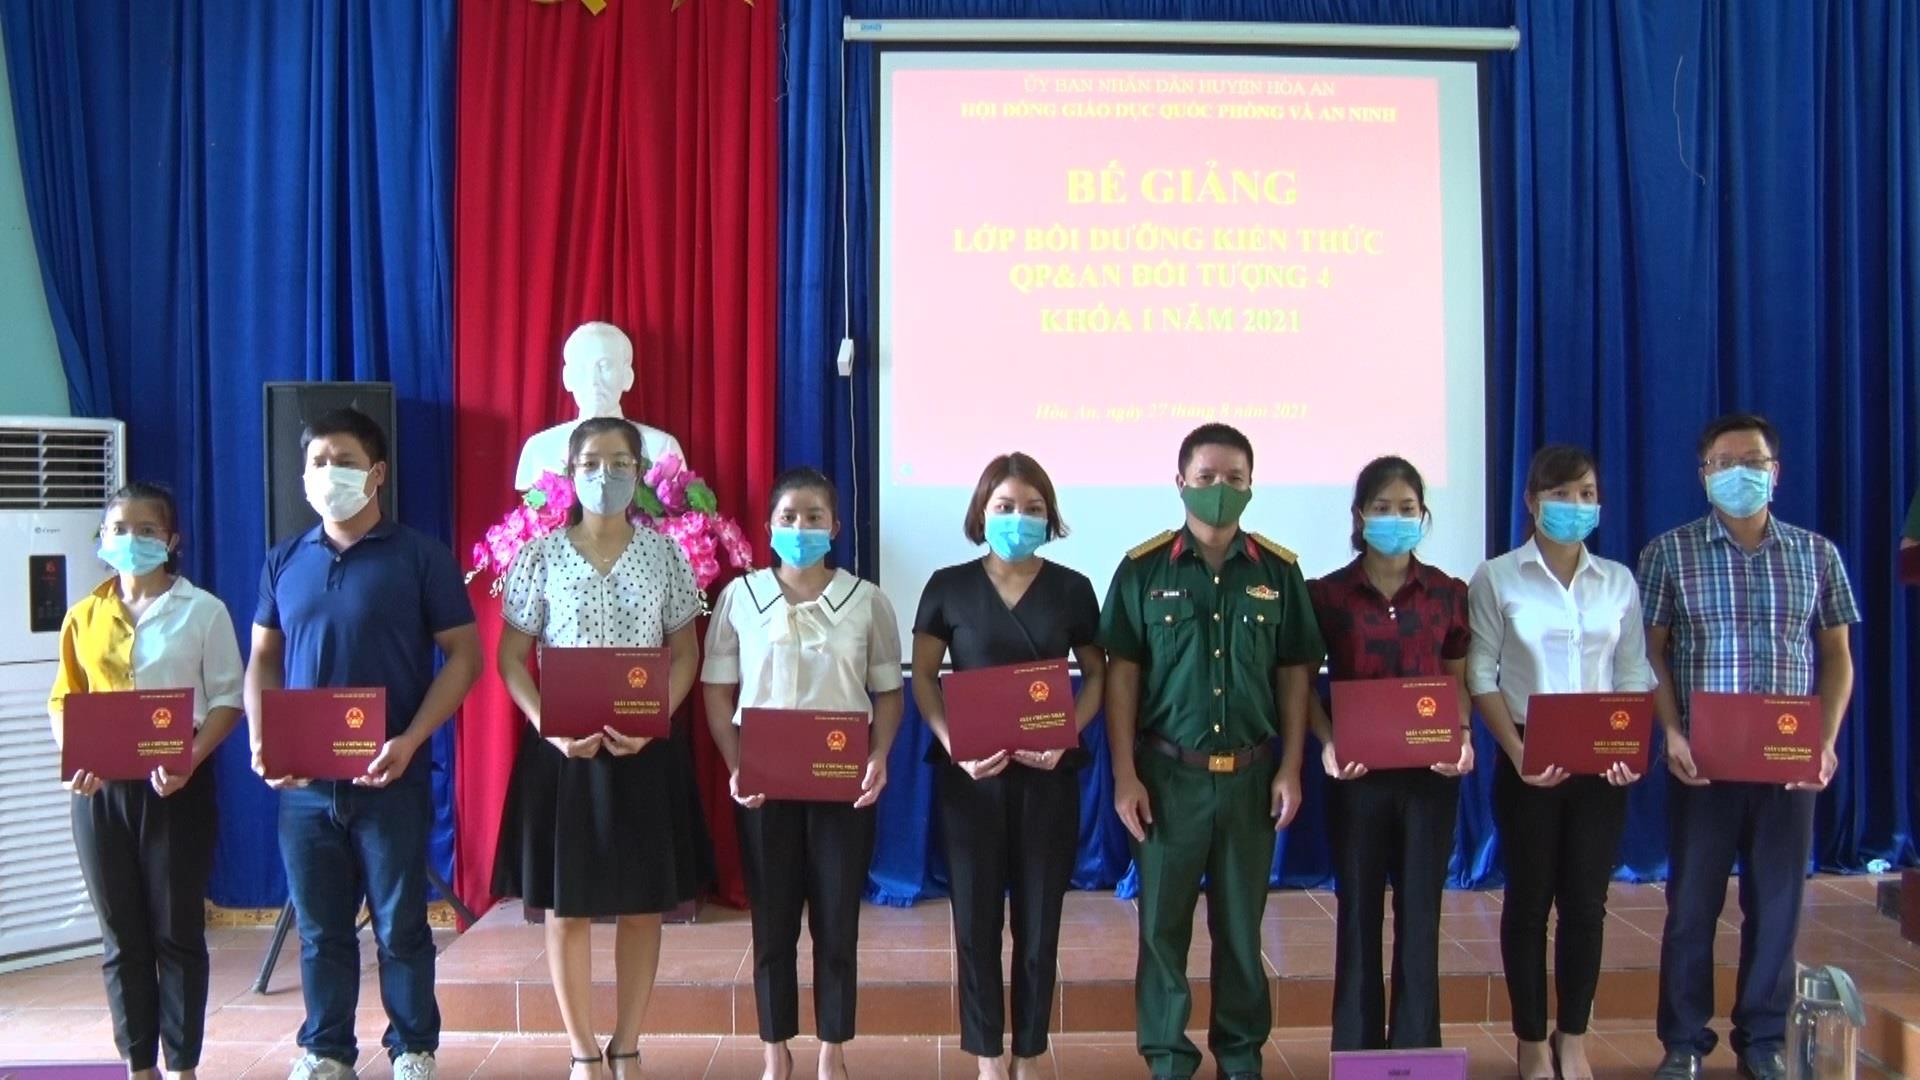 Hòa An: Bế giảng lớp bồi dưỡng kiến thức quốc phòng và an ninh khóa 01 cho đối tượng 4